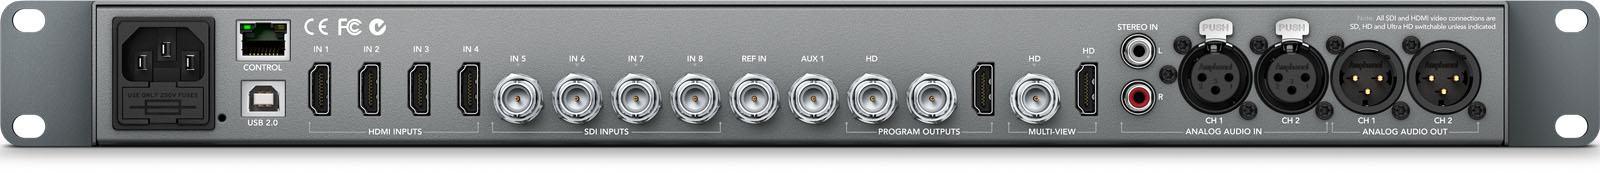 Blackmagic Atem Production Studio 4k Switcher Swatempsw04k Bmd